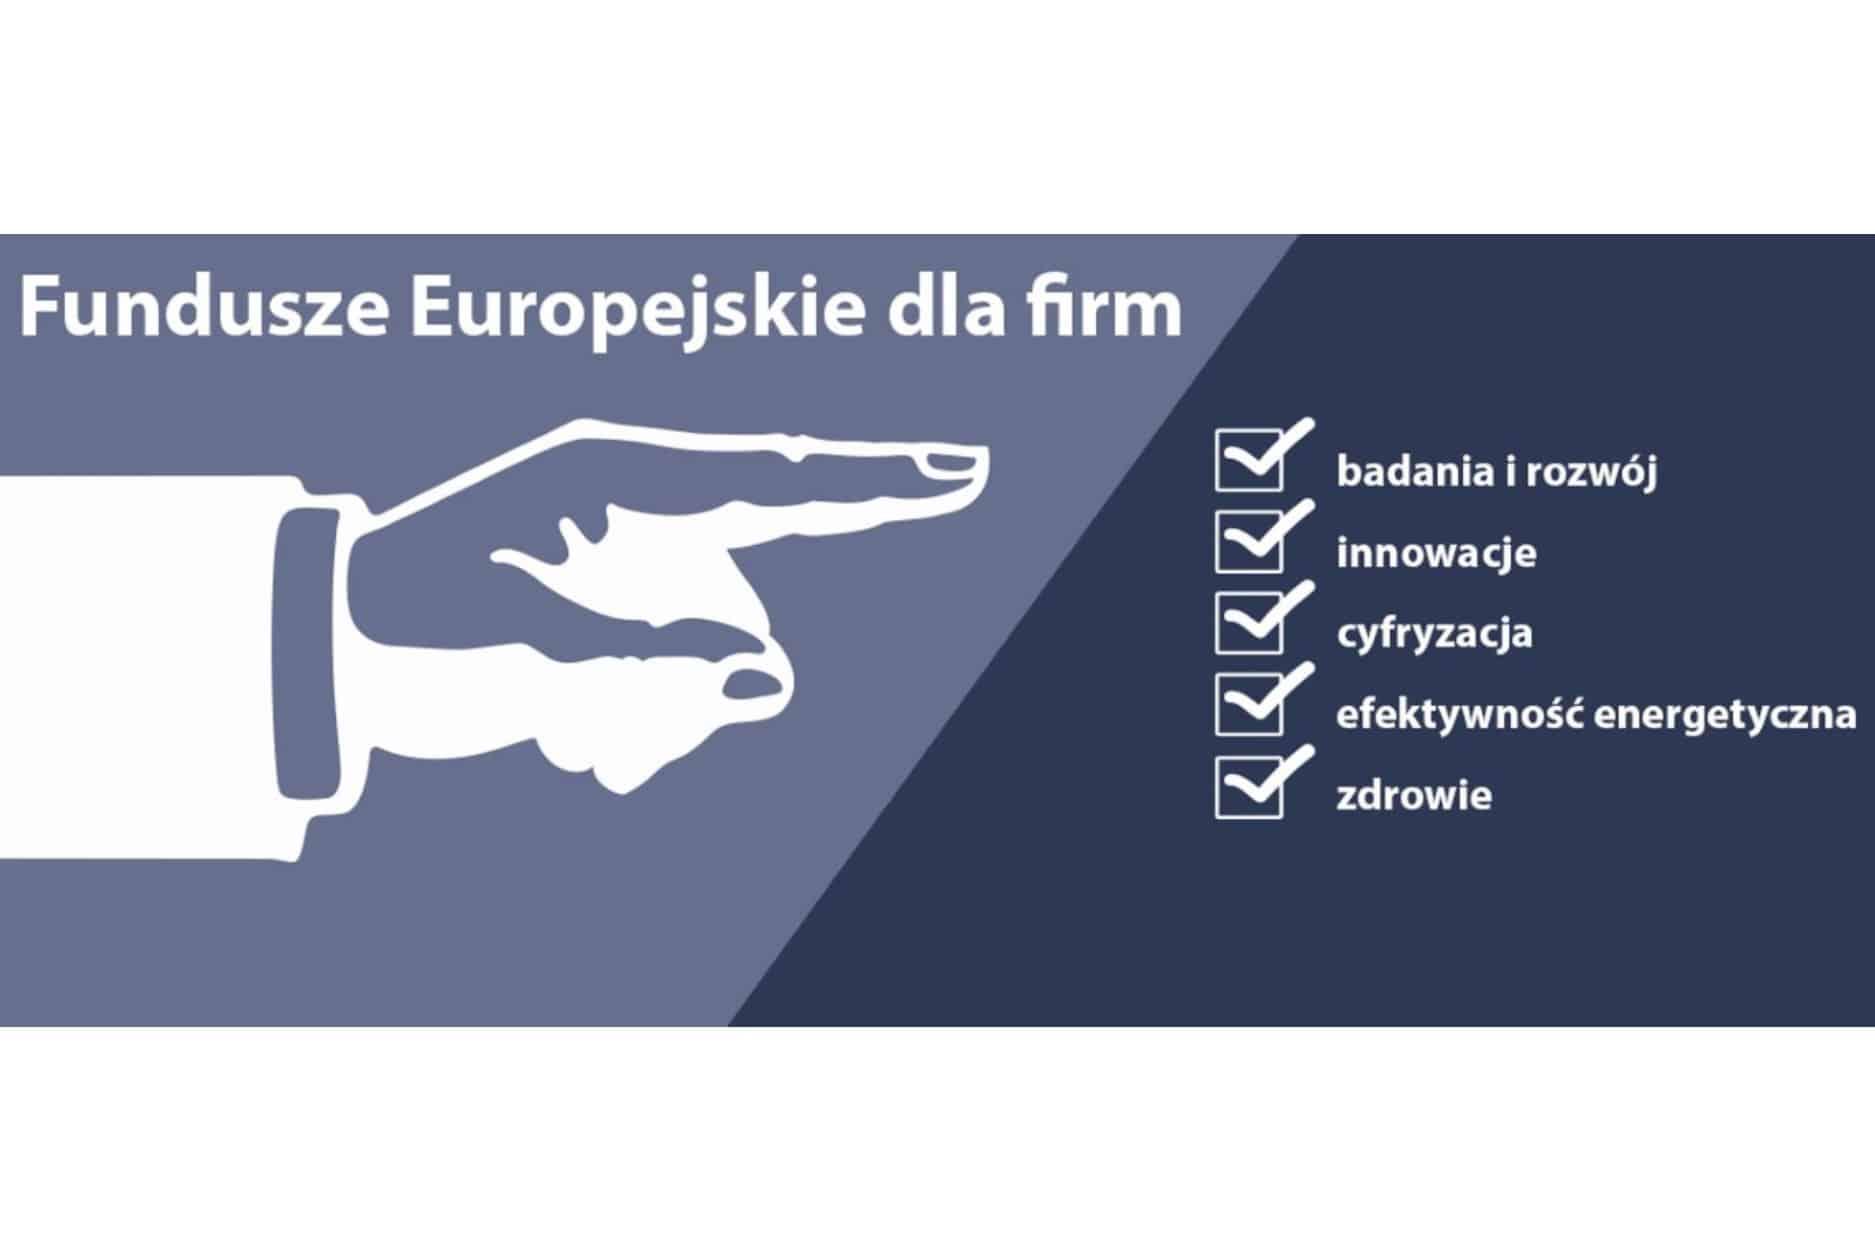 Źródło: Ministerstwo Funduszy i Polityki Regionalnej, gov.pl.